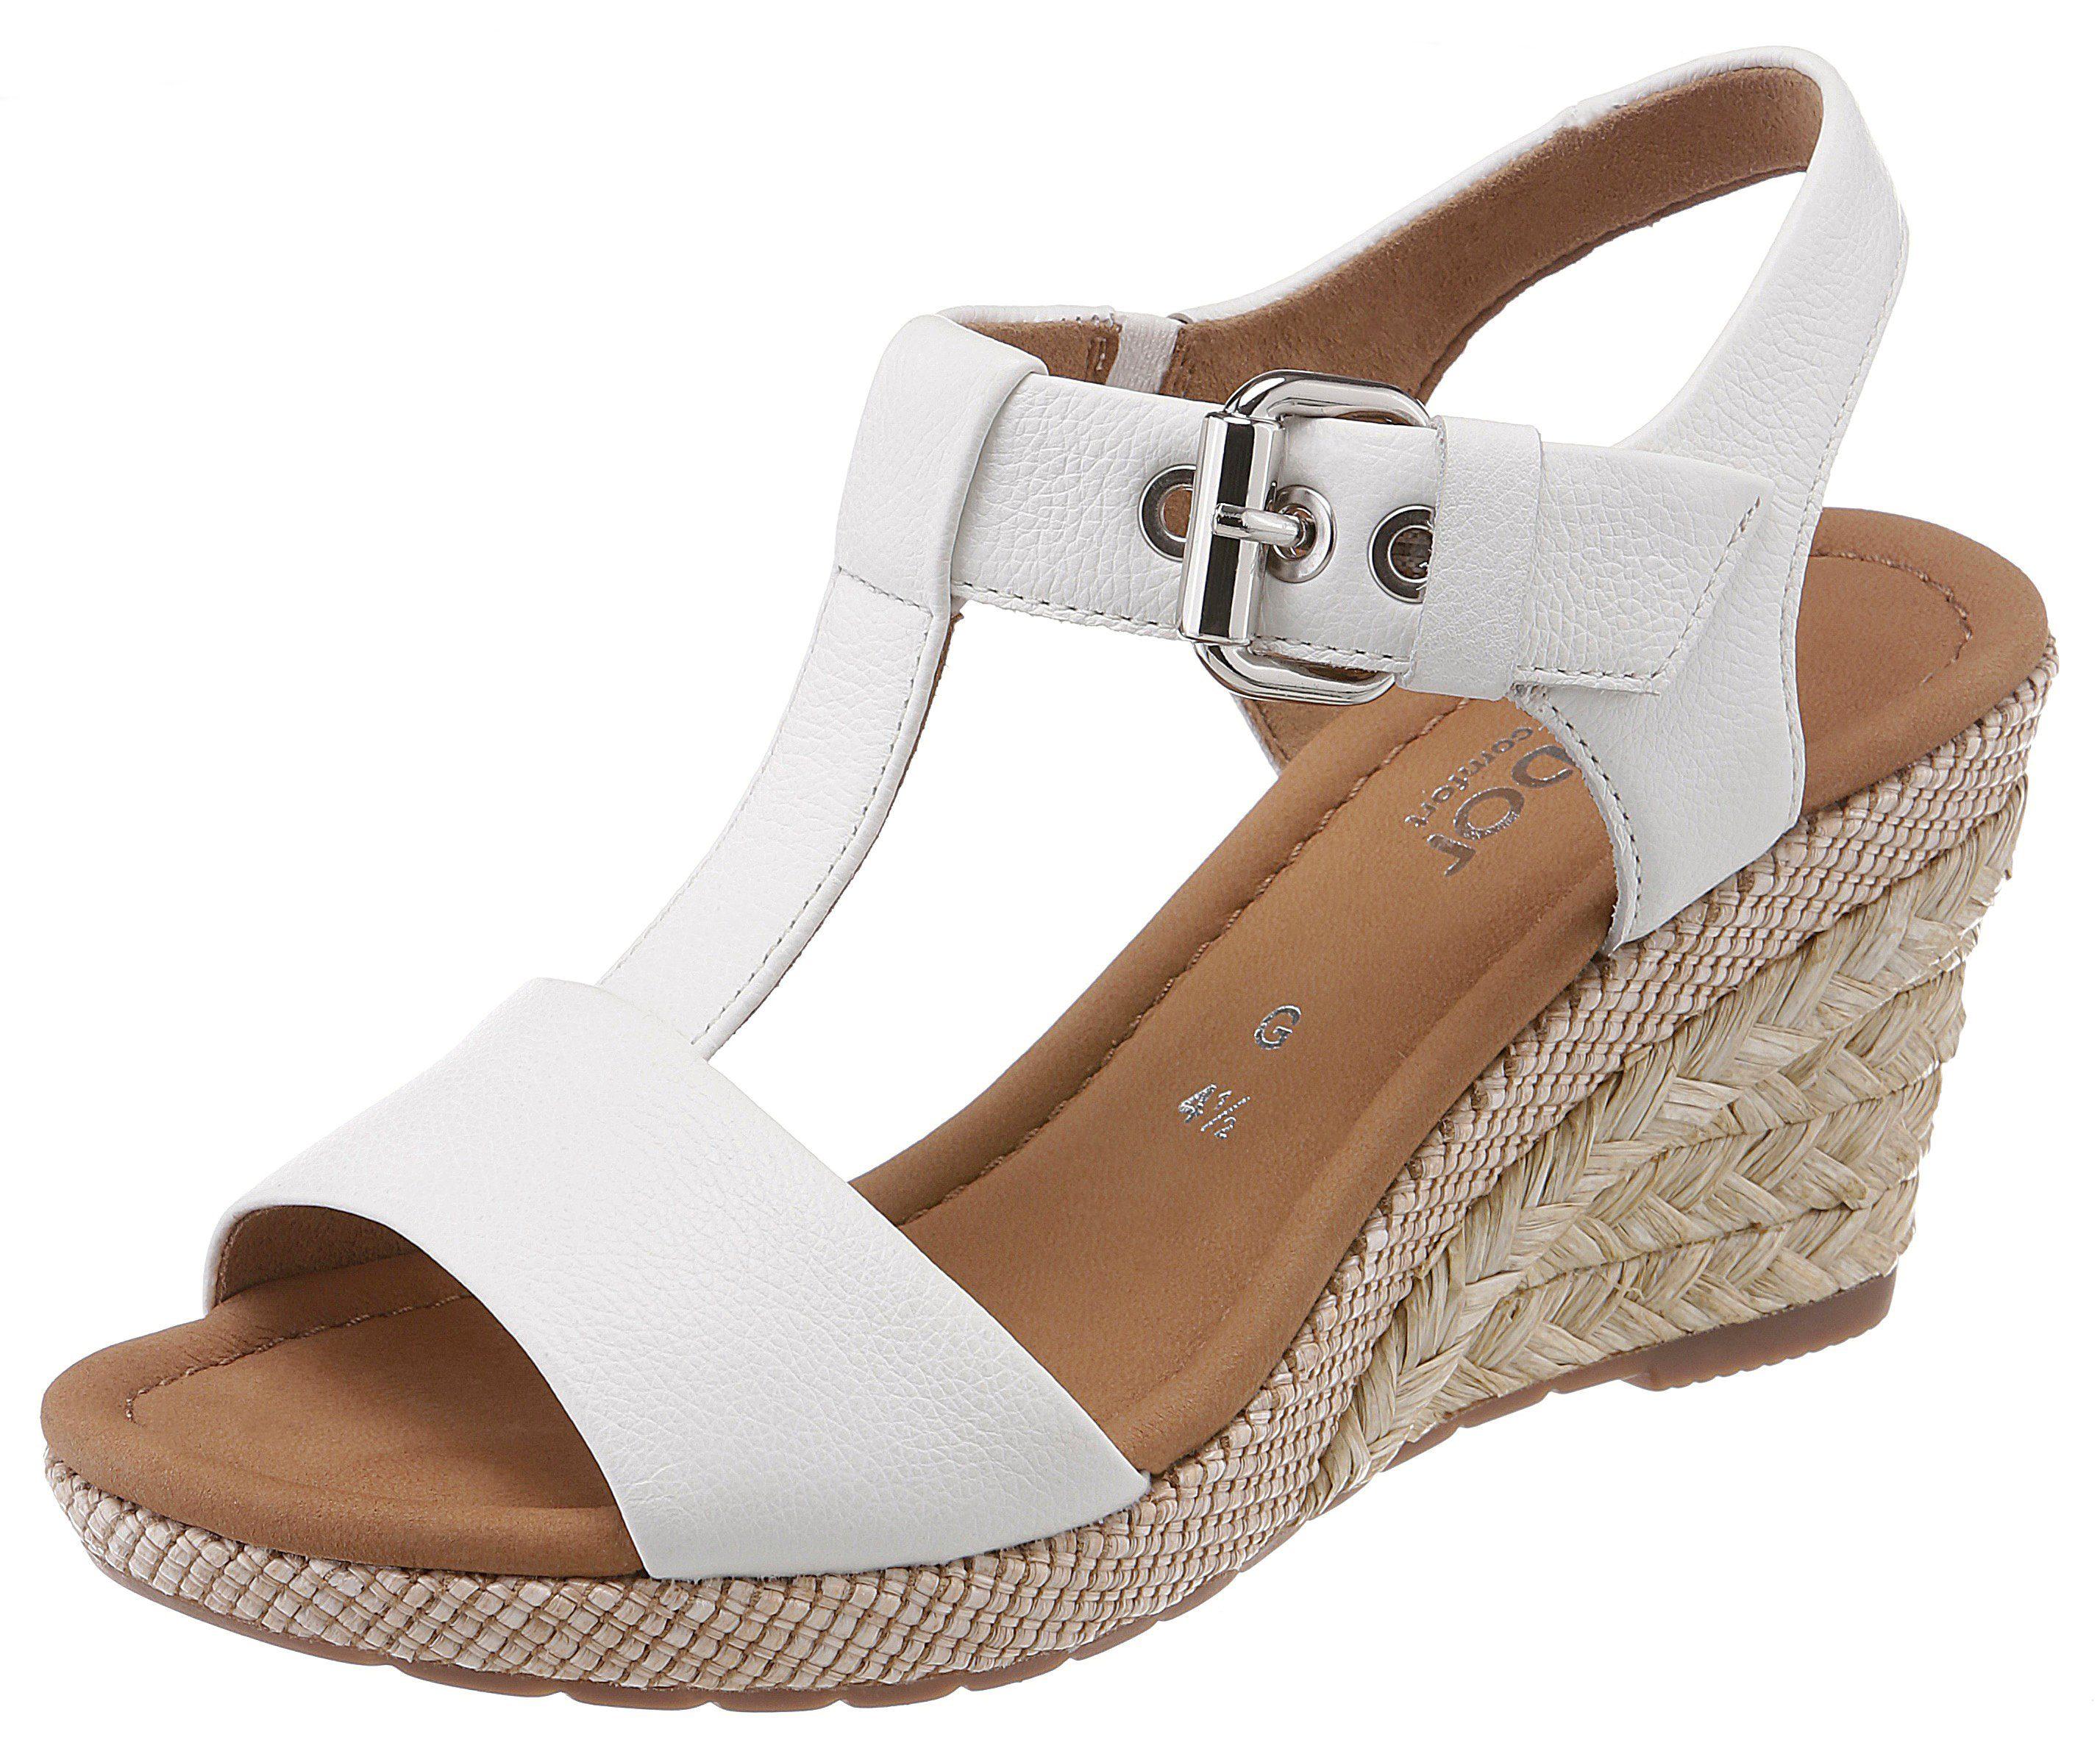 Gabor Sandalette mit Bastbezug, Sandalette in Schuhweite G (=weit) online kaufen | OTTO